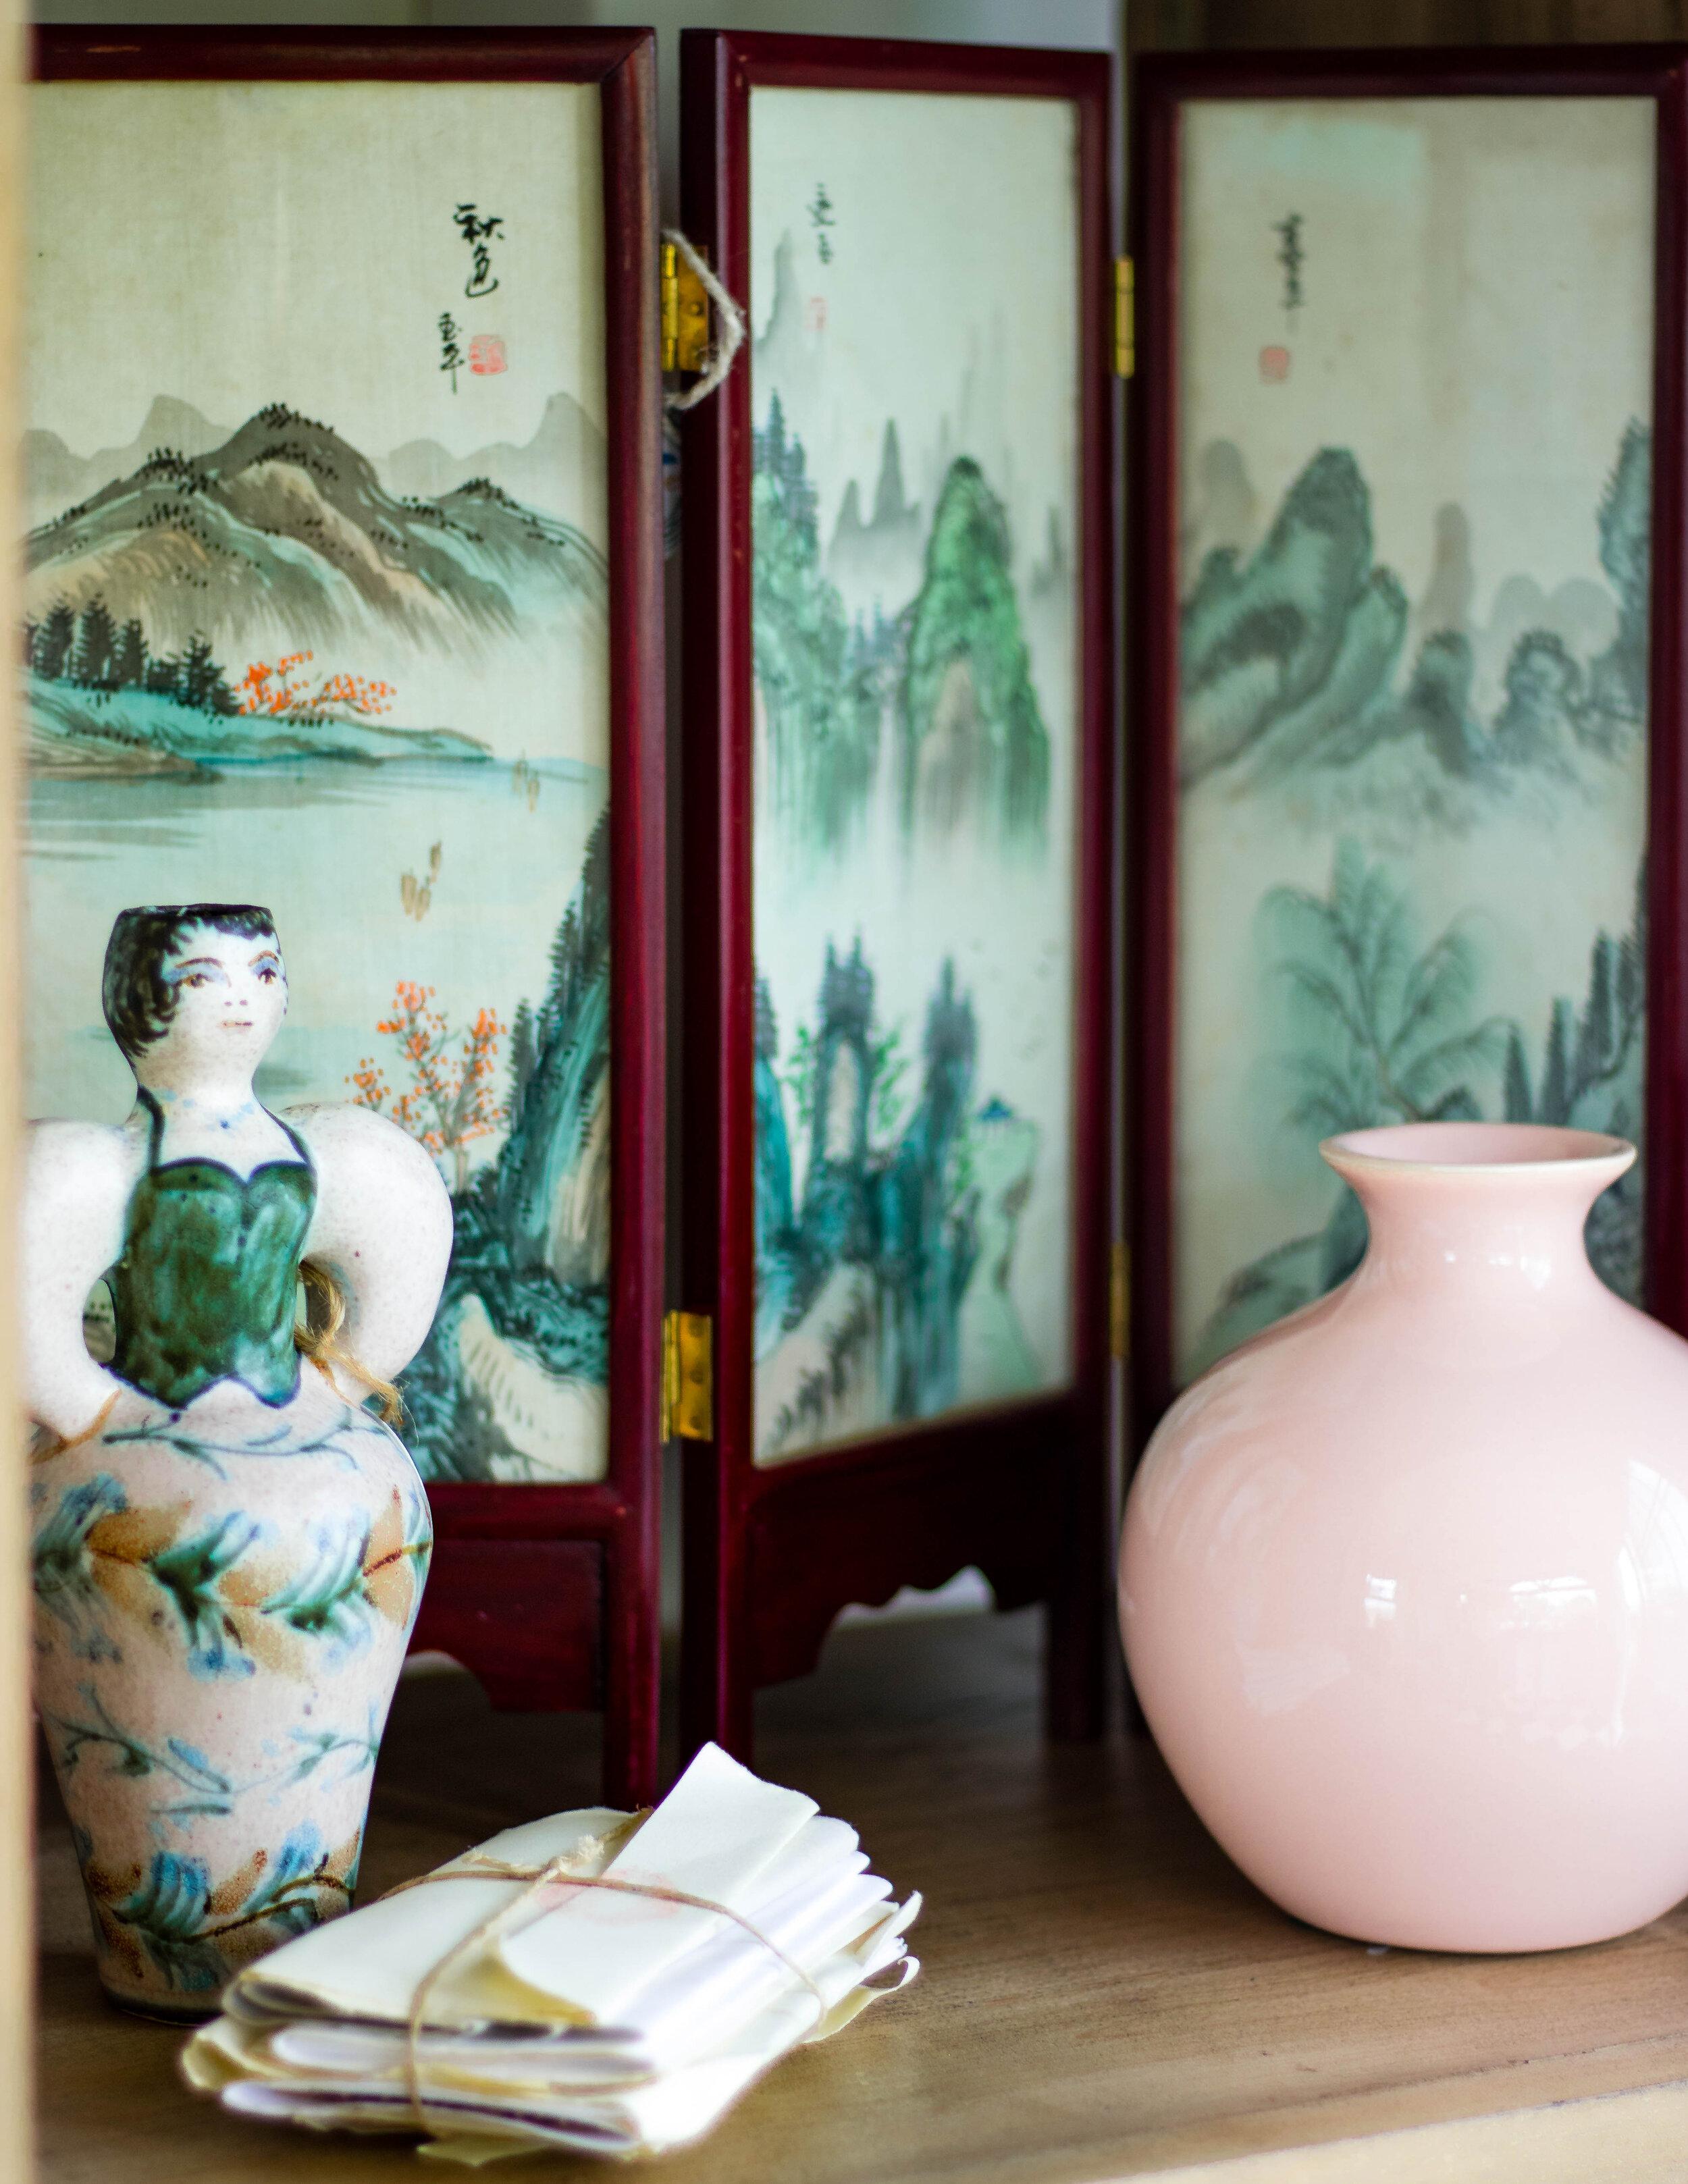 Vintage vases on a shelf in our She-Shed design.